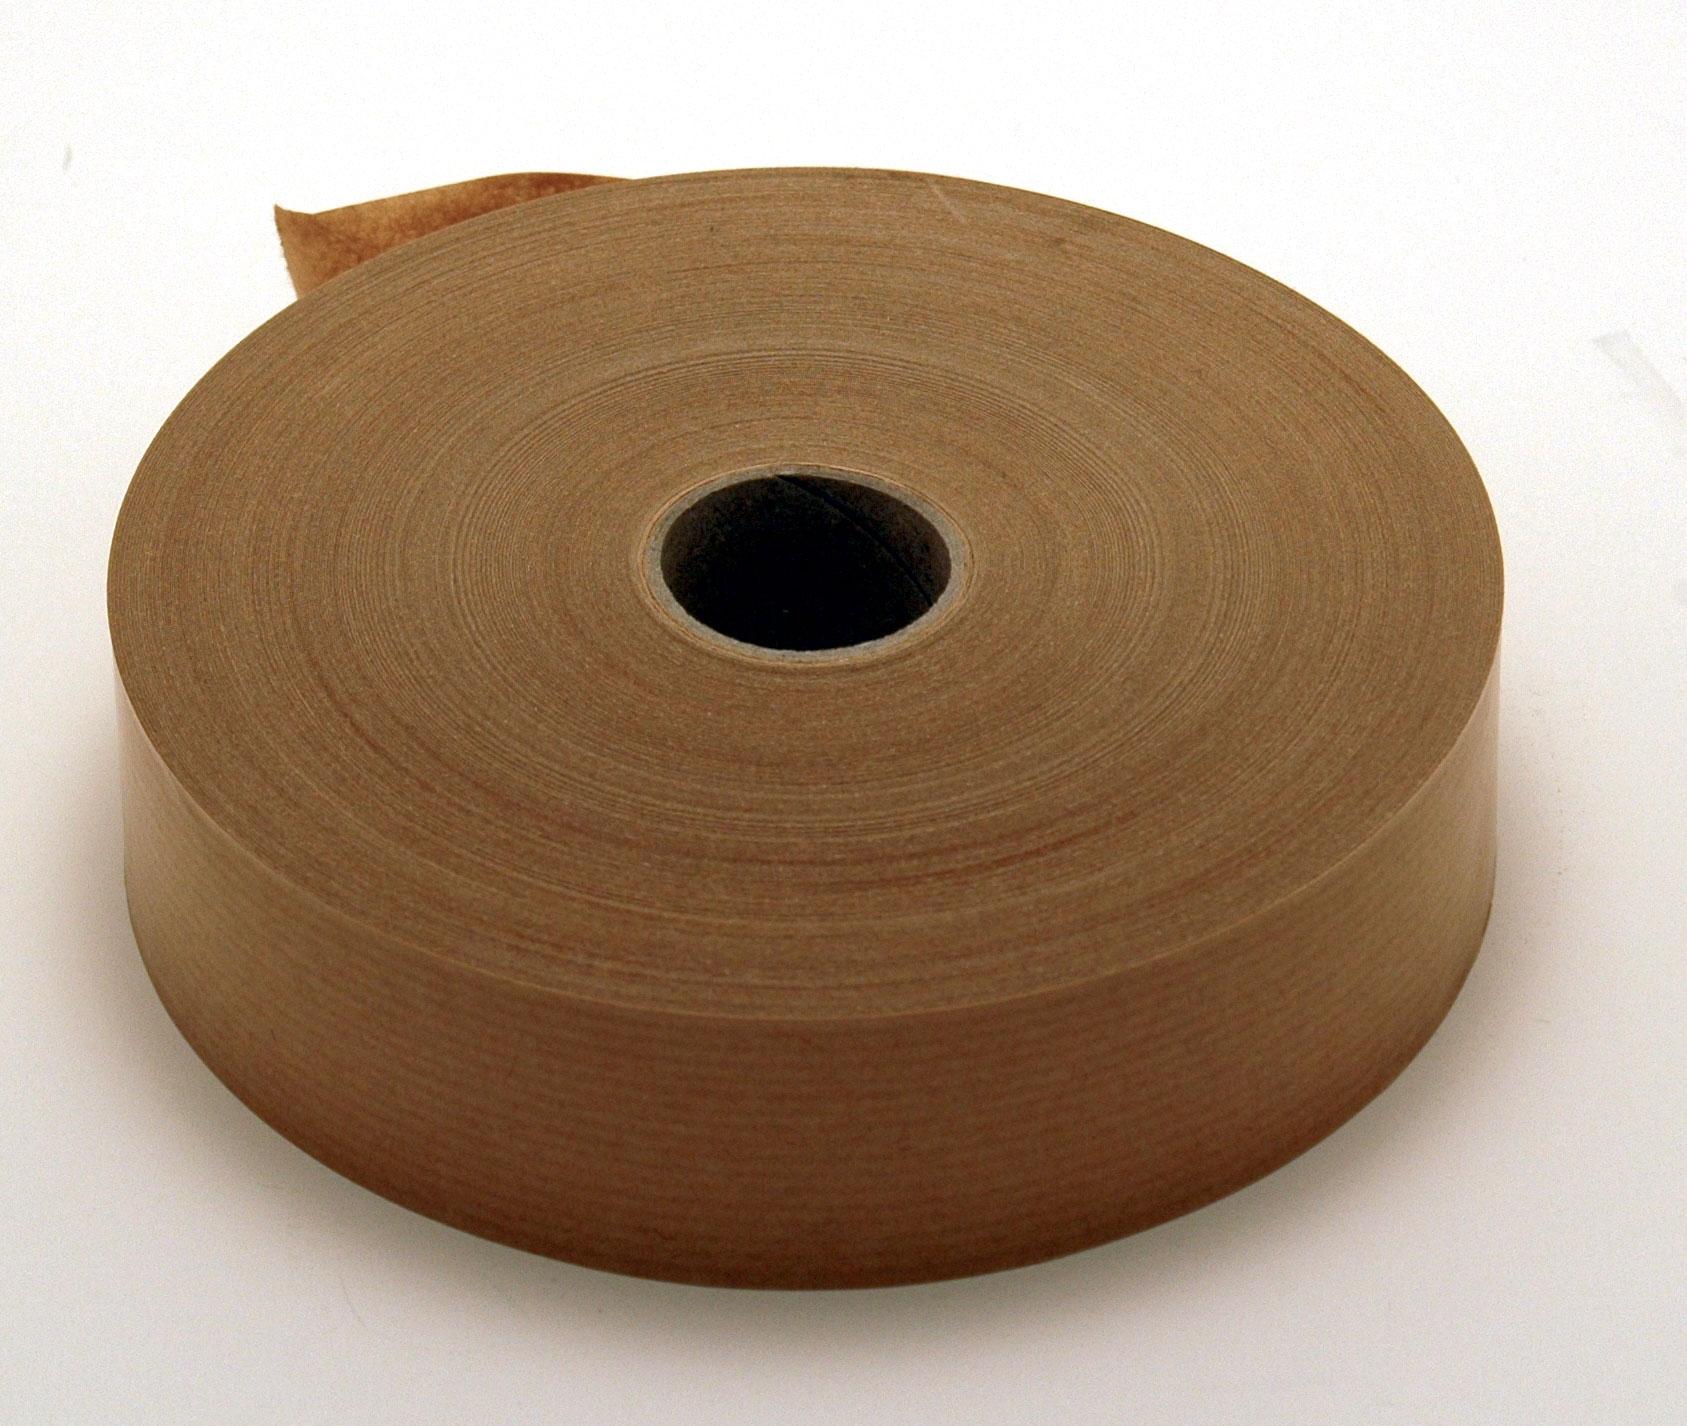 véritable papier kraft (60g) enduit de colle à humidifier. rouleau de 200 mètres largeur 3.6cm